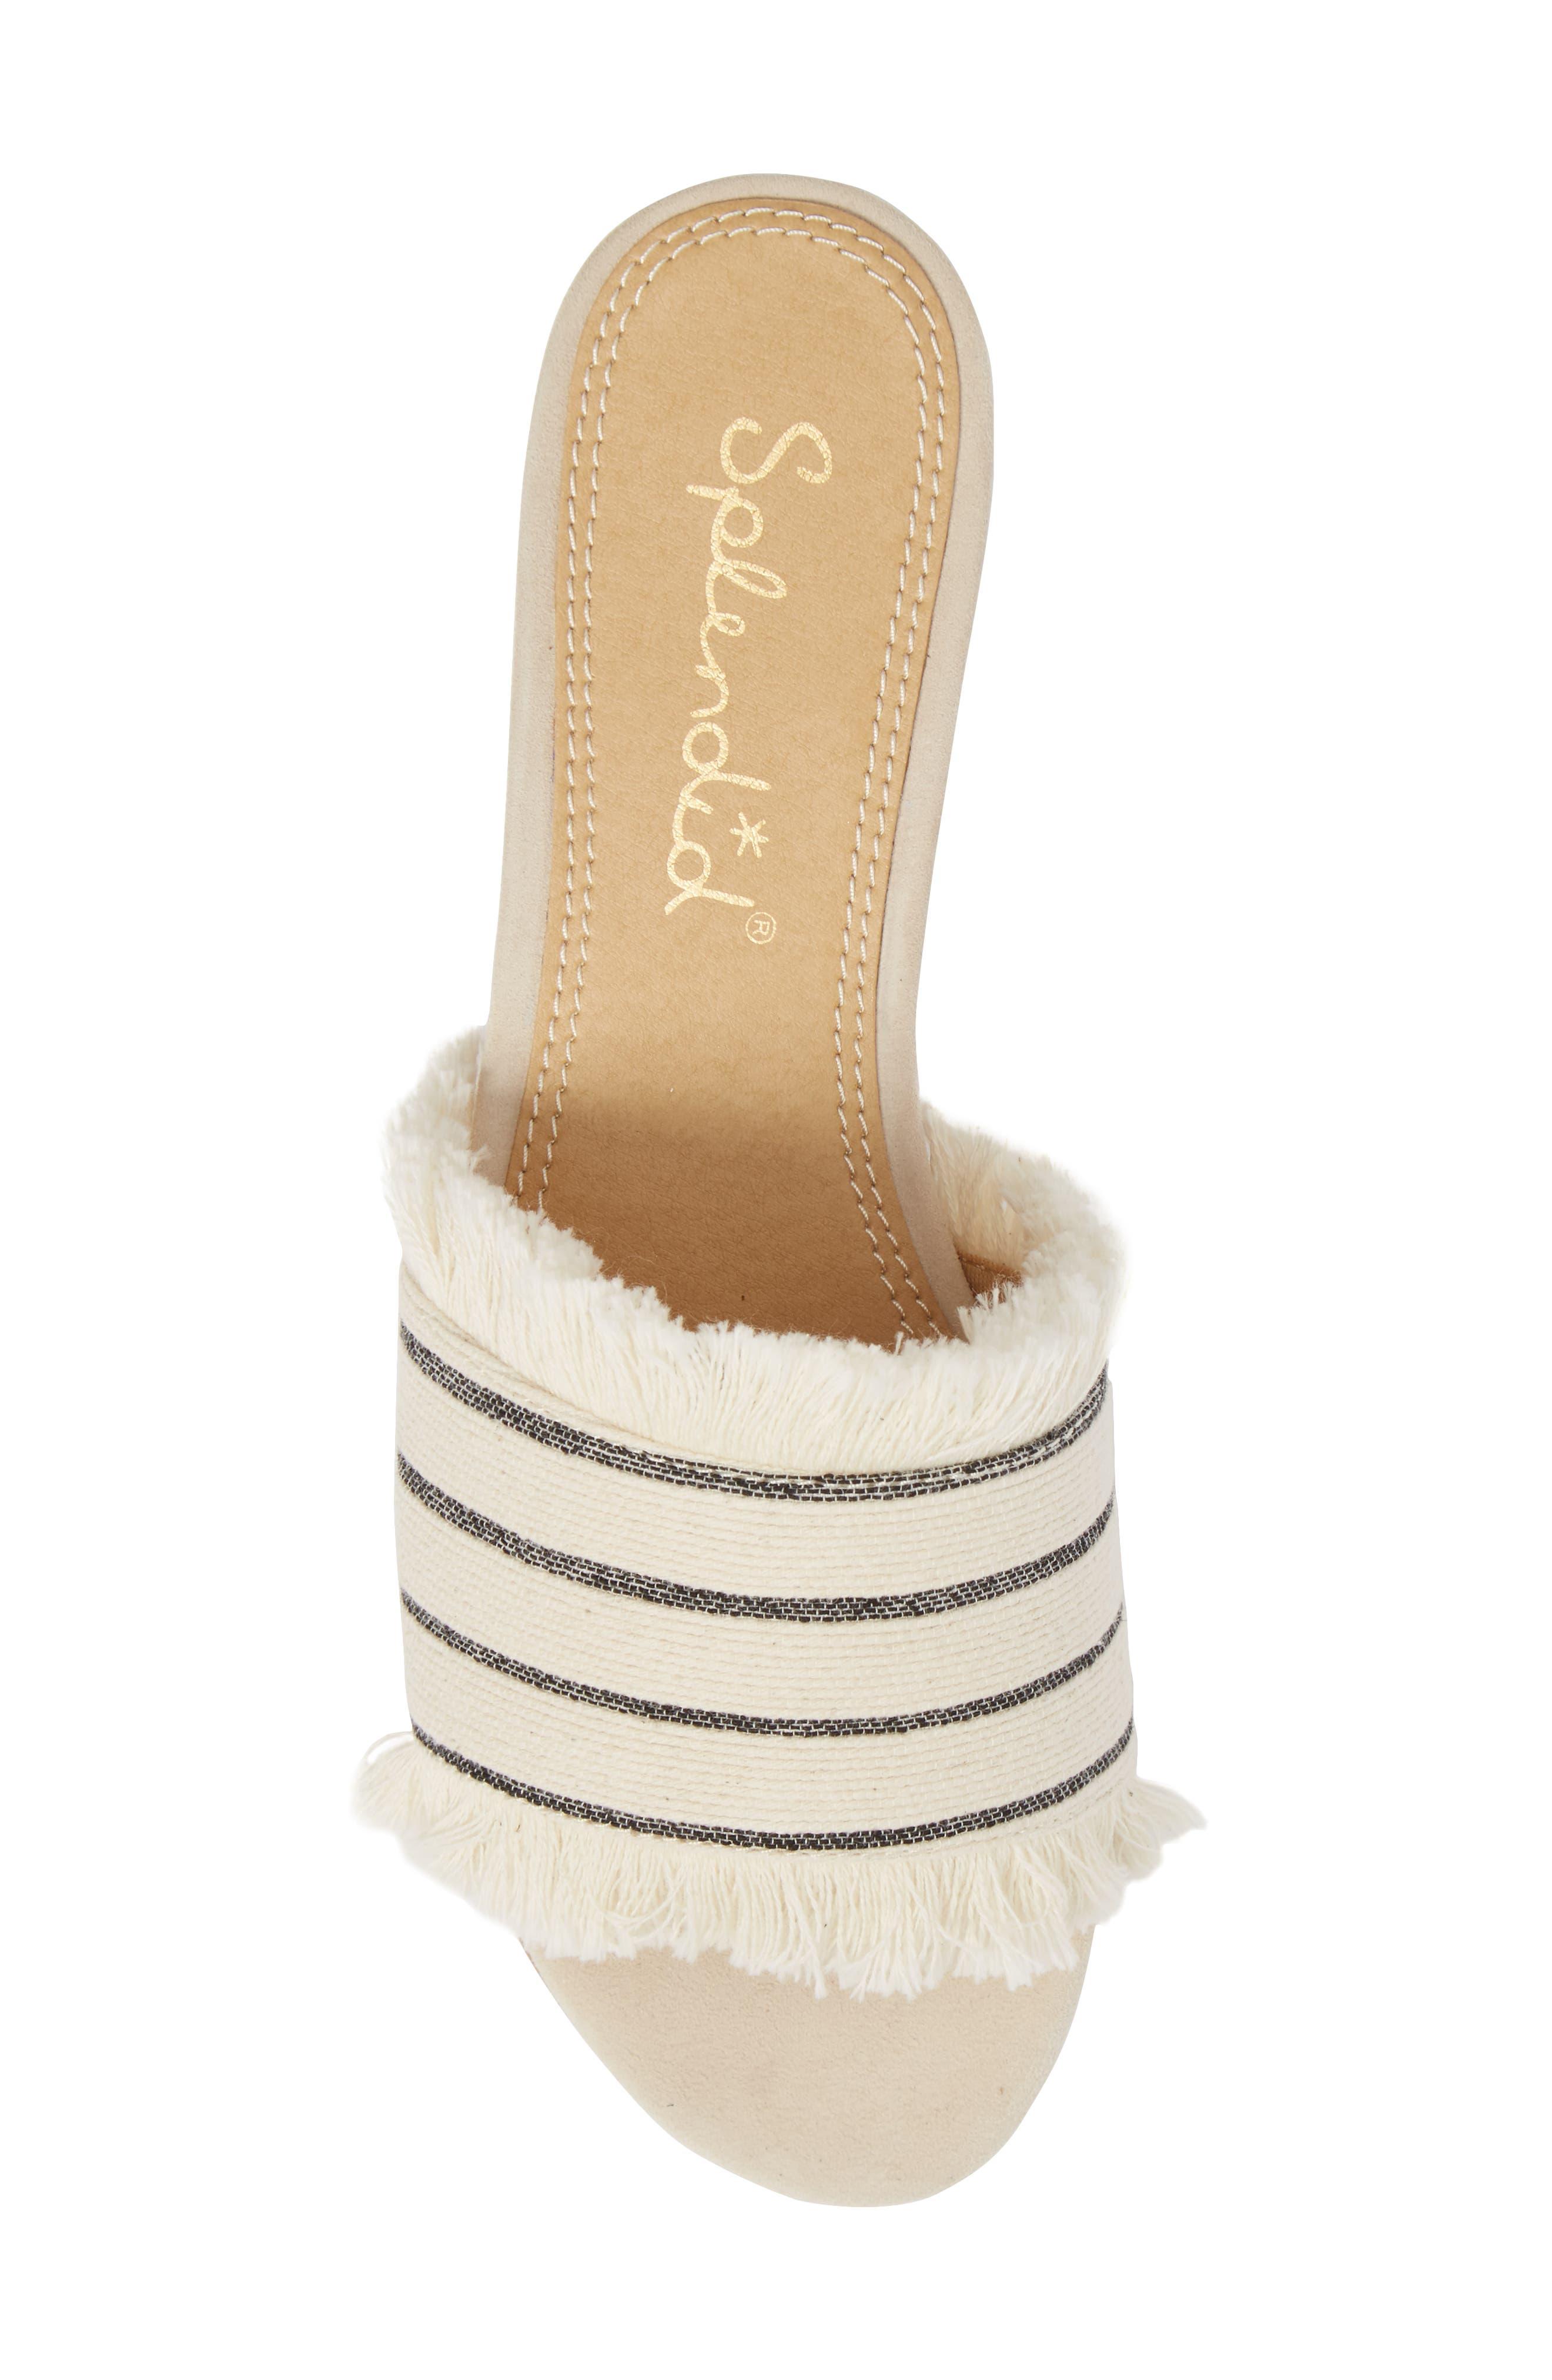 Baldwyn Fringe Slide Sandal,                             Alternate thumbnail 5, color,                             Cream Leather